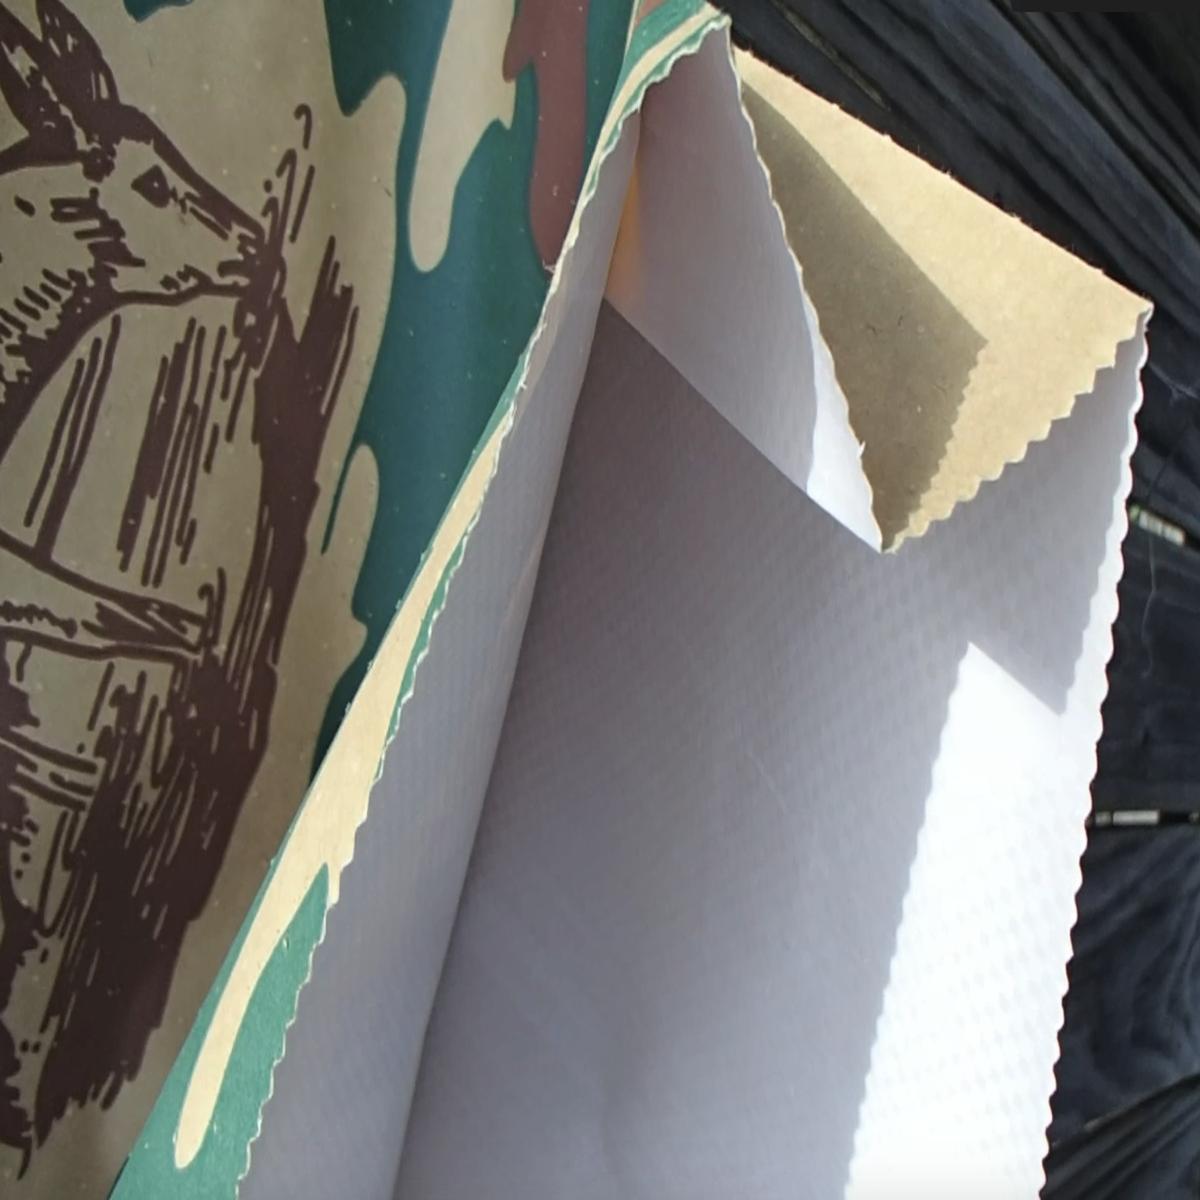 Flexible Packaging - Bulk Bags, Sandbags and More 4